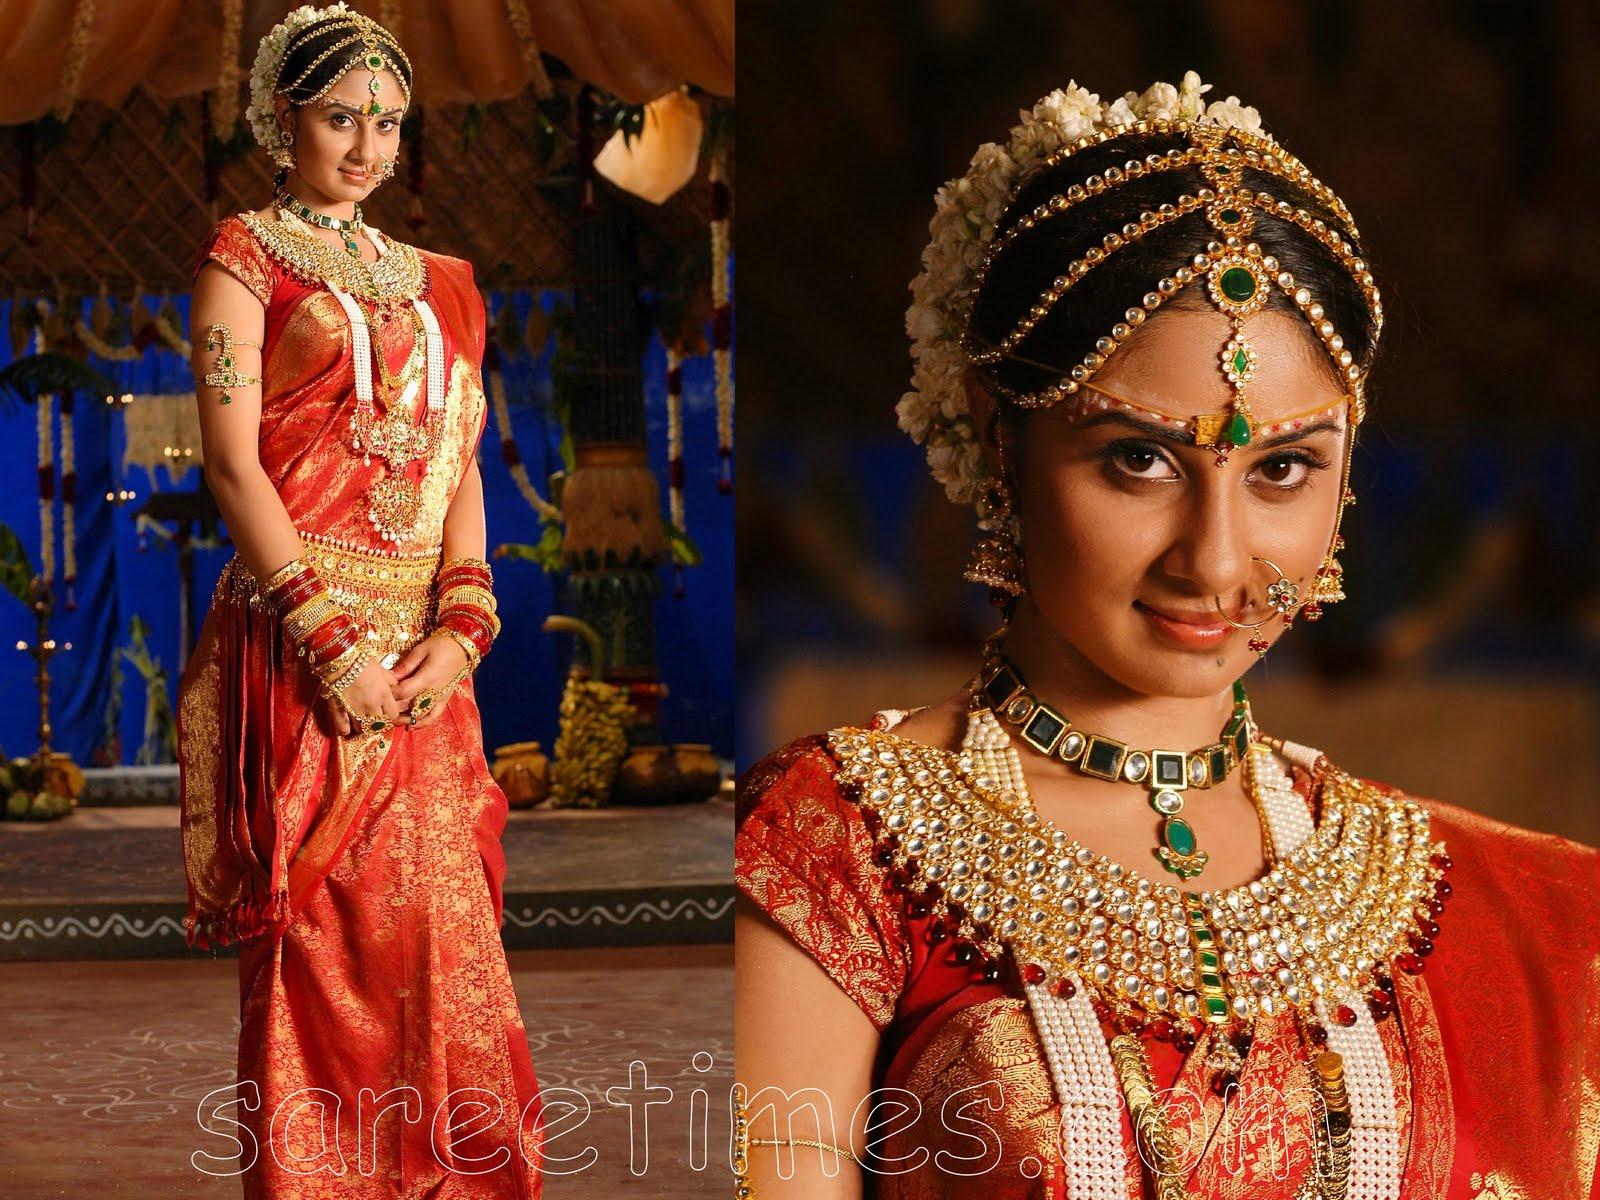 http://1.bp.blogspot.com/_58_qEOwiSDY/S9DHMtUs93I/AAAAAAAACso/IfdZW6DUnR8/s1600/Bhanu-Shree-Mehra-Indian-Bridal-+Saree.jpg